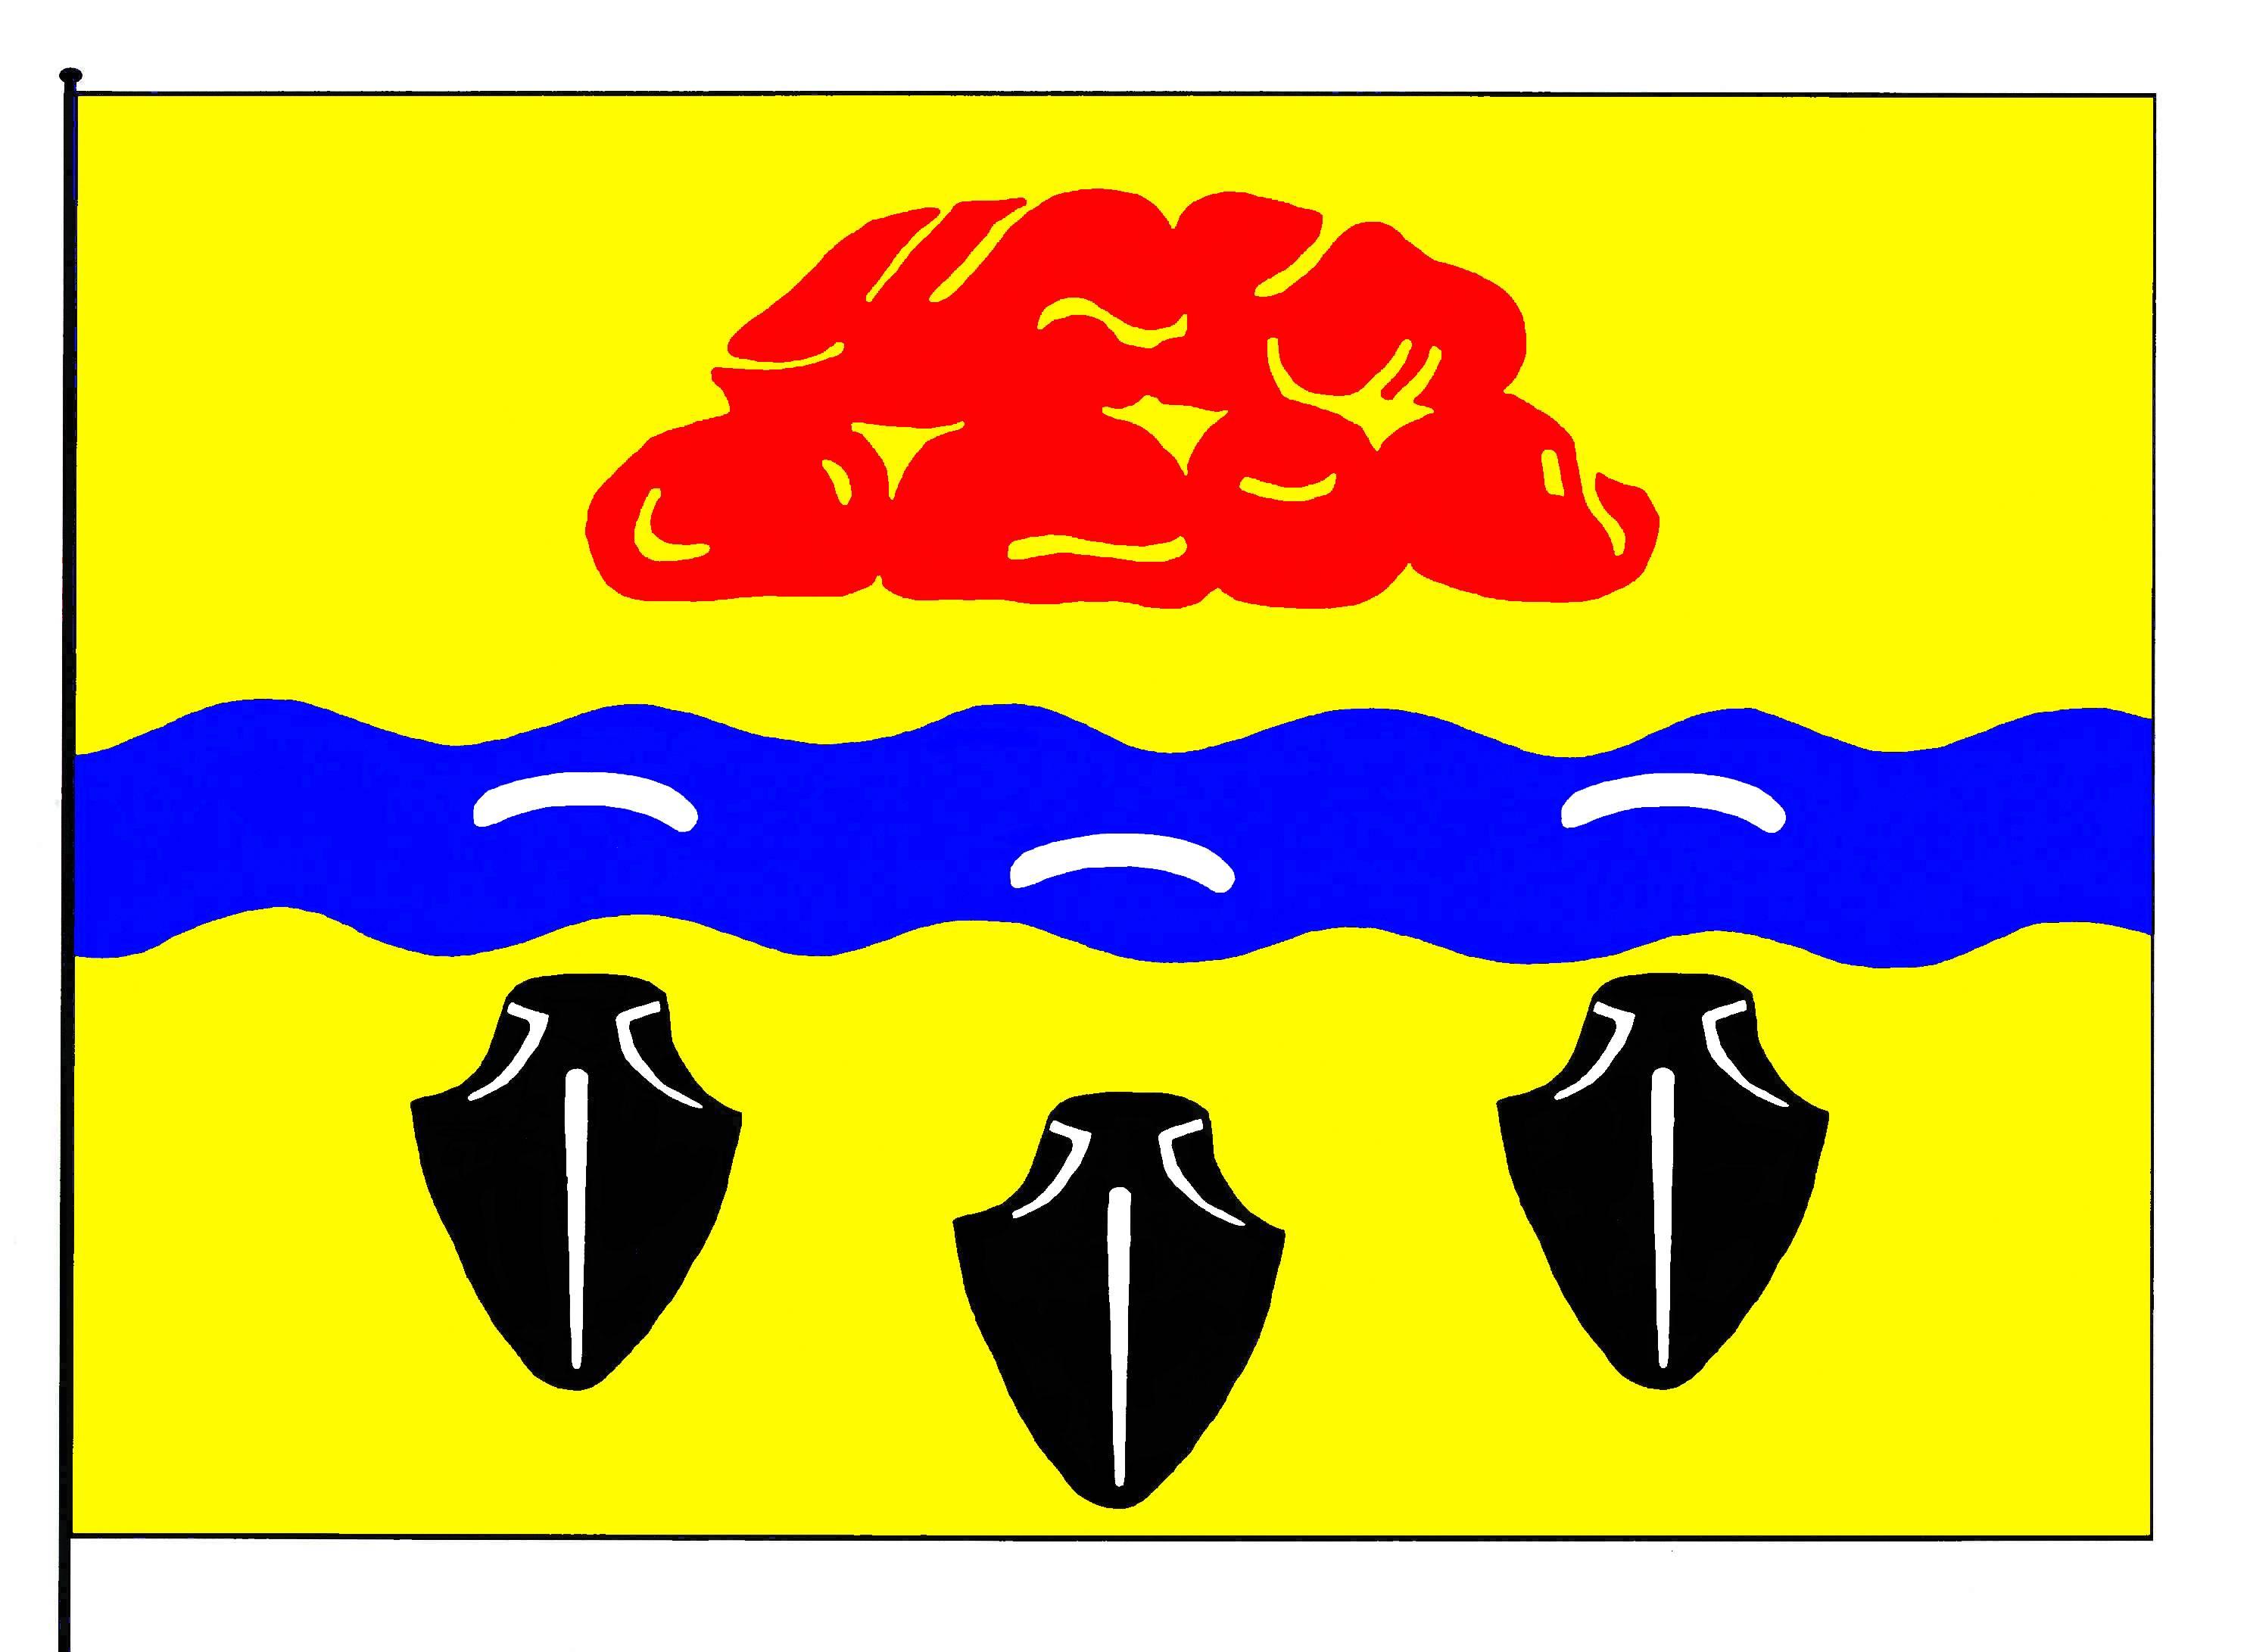 Flagge GemeindeGammelby, Kreis Rendsburg-Eckernförde